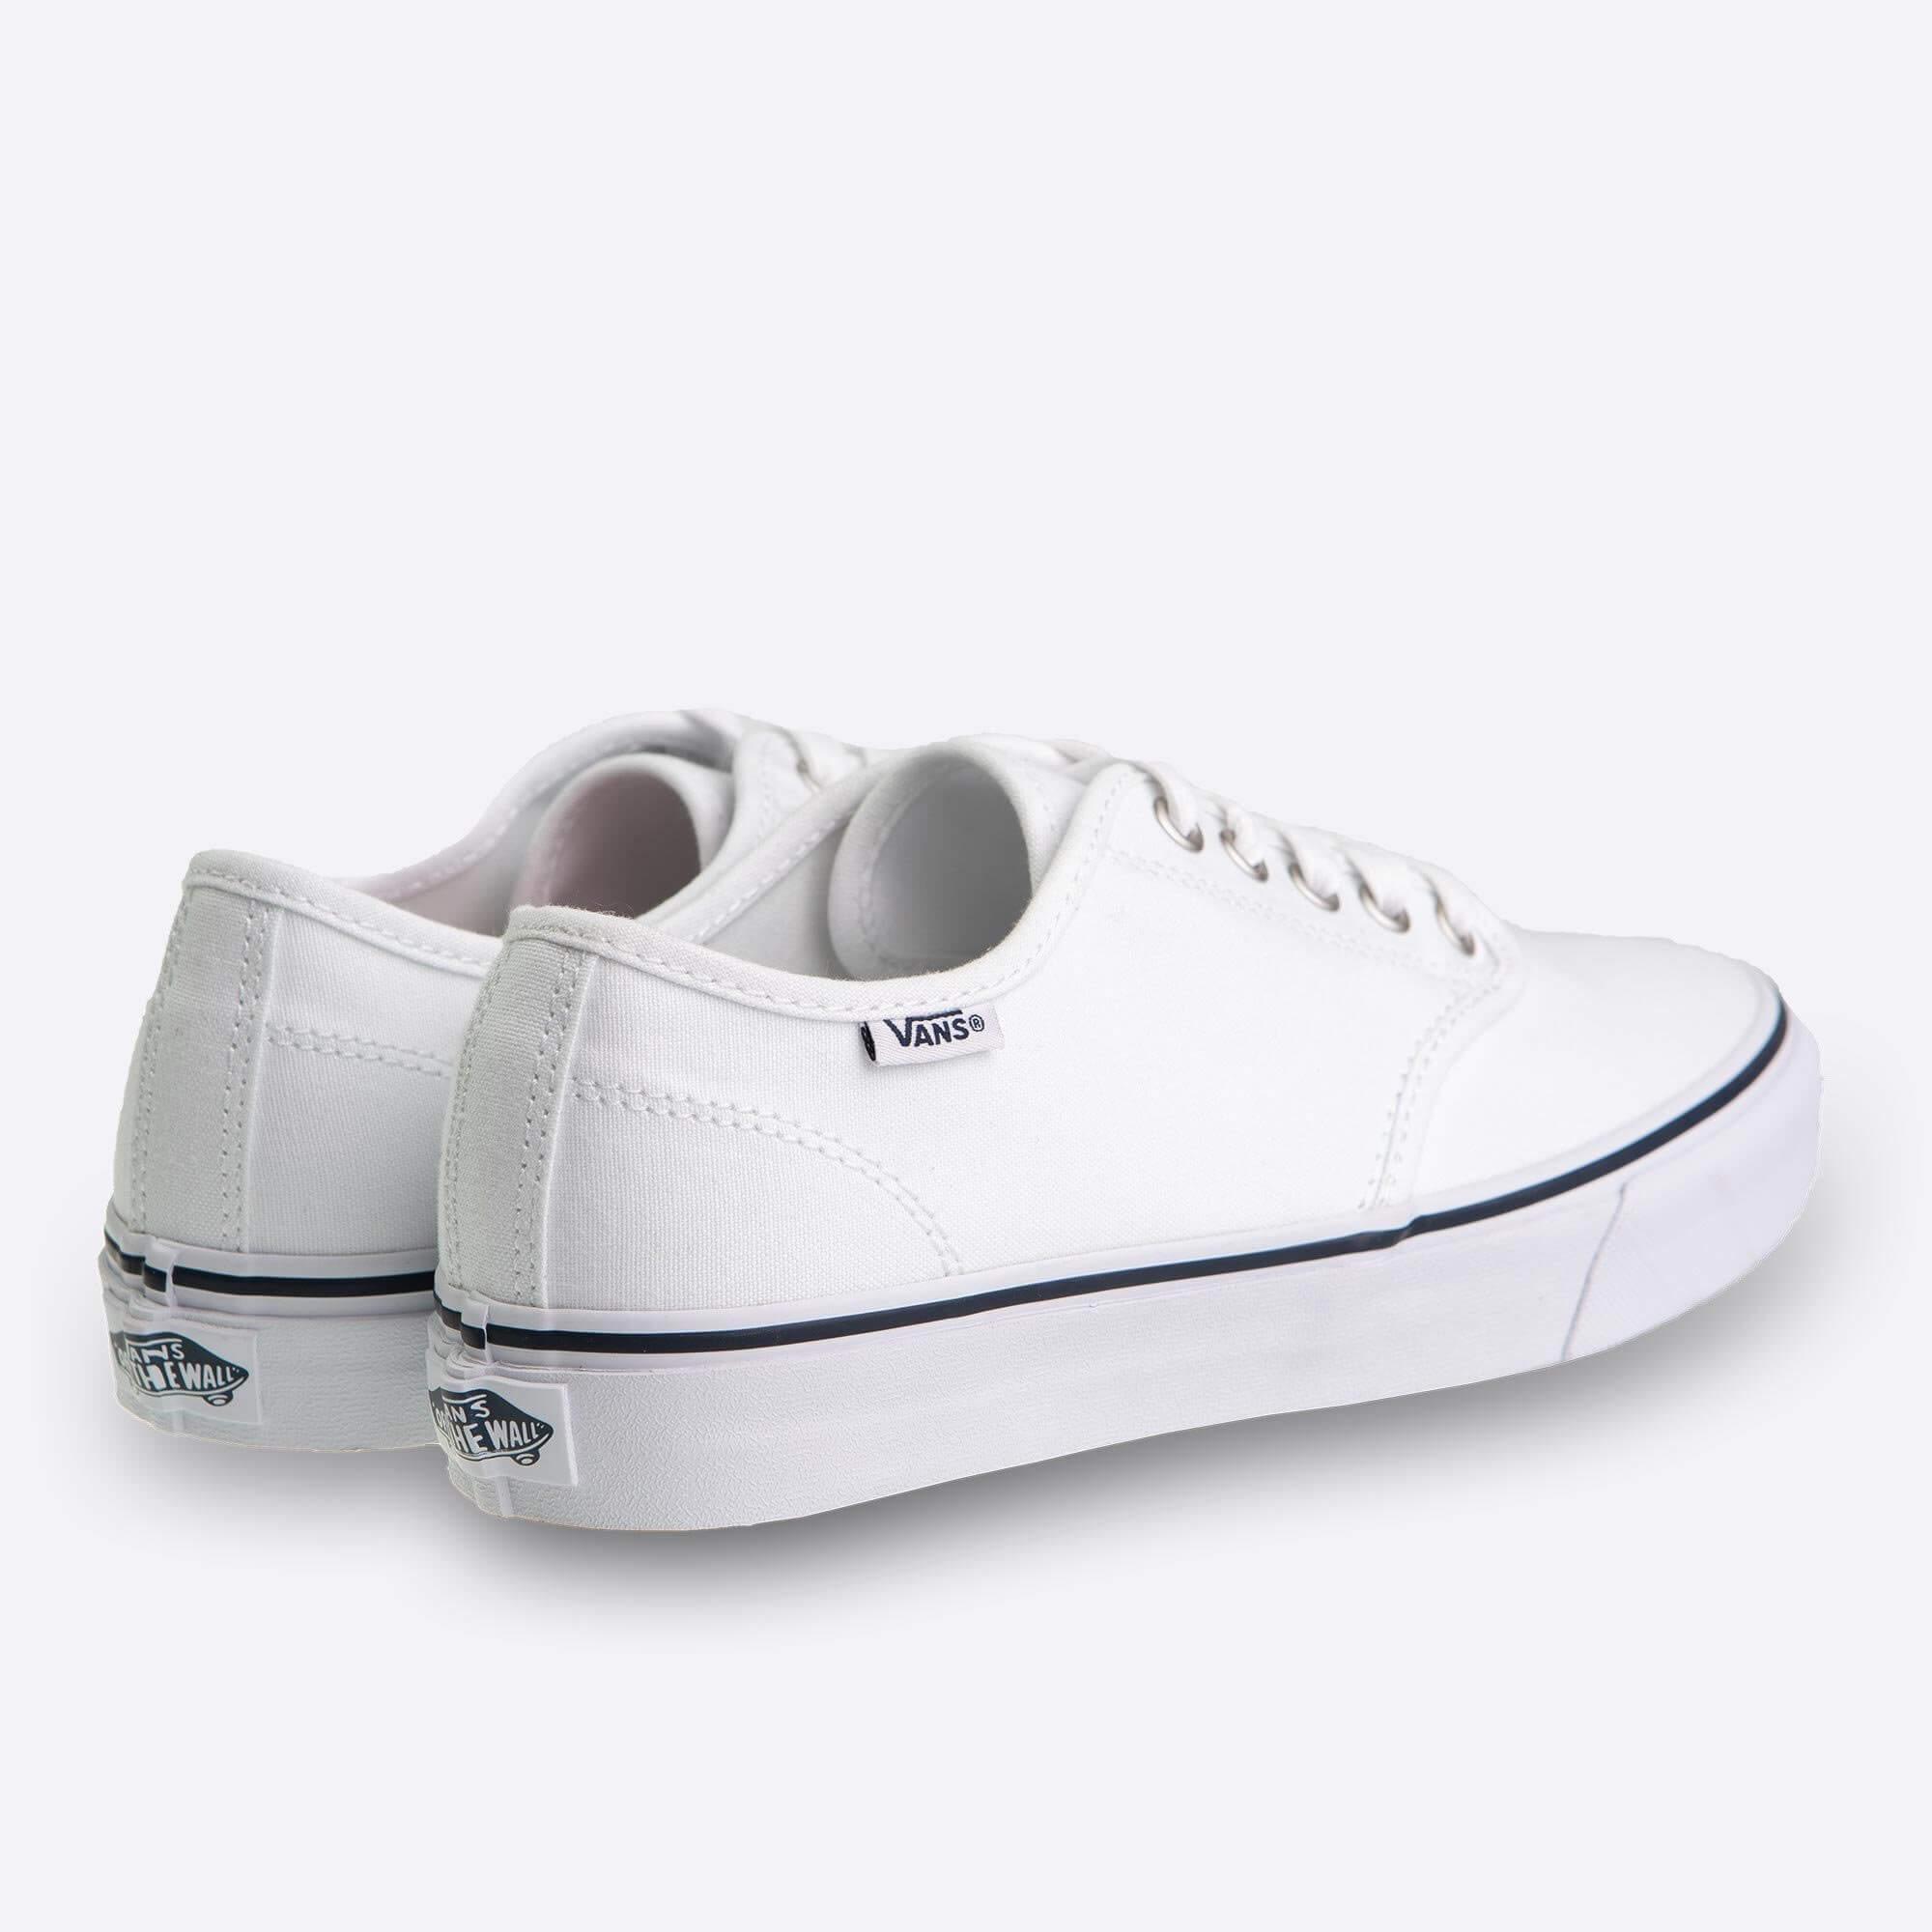 710c51df56 Dámské bílé tenisky Vans Camden Stripe Canvas White And Navy